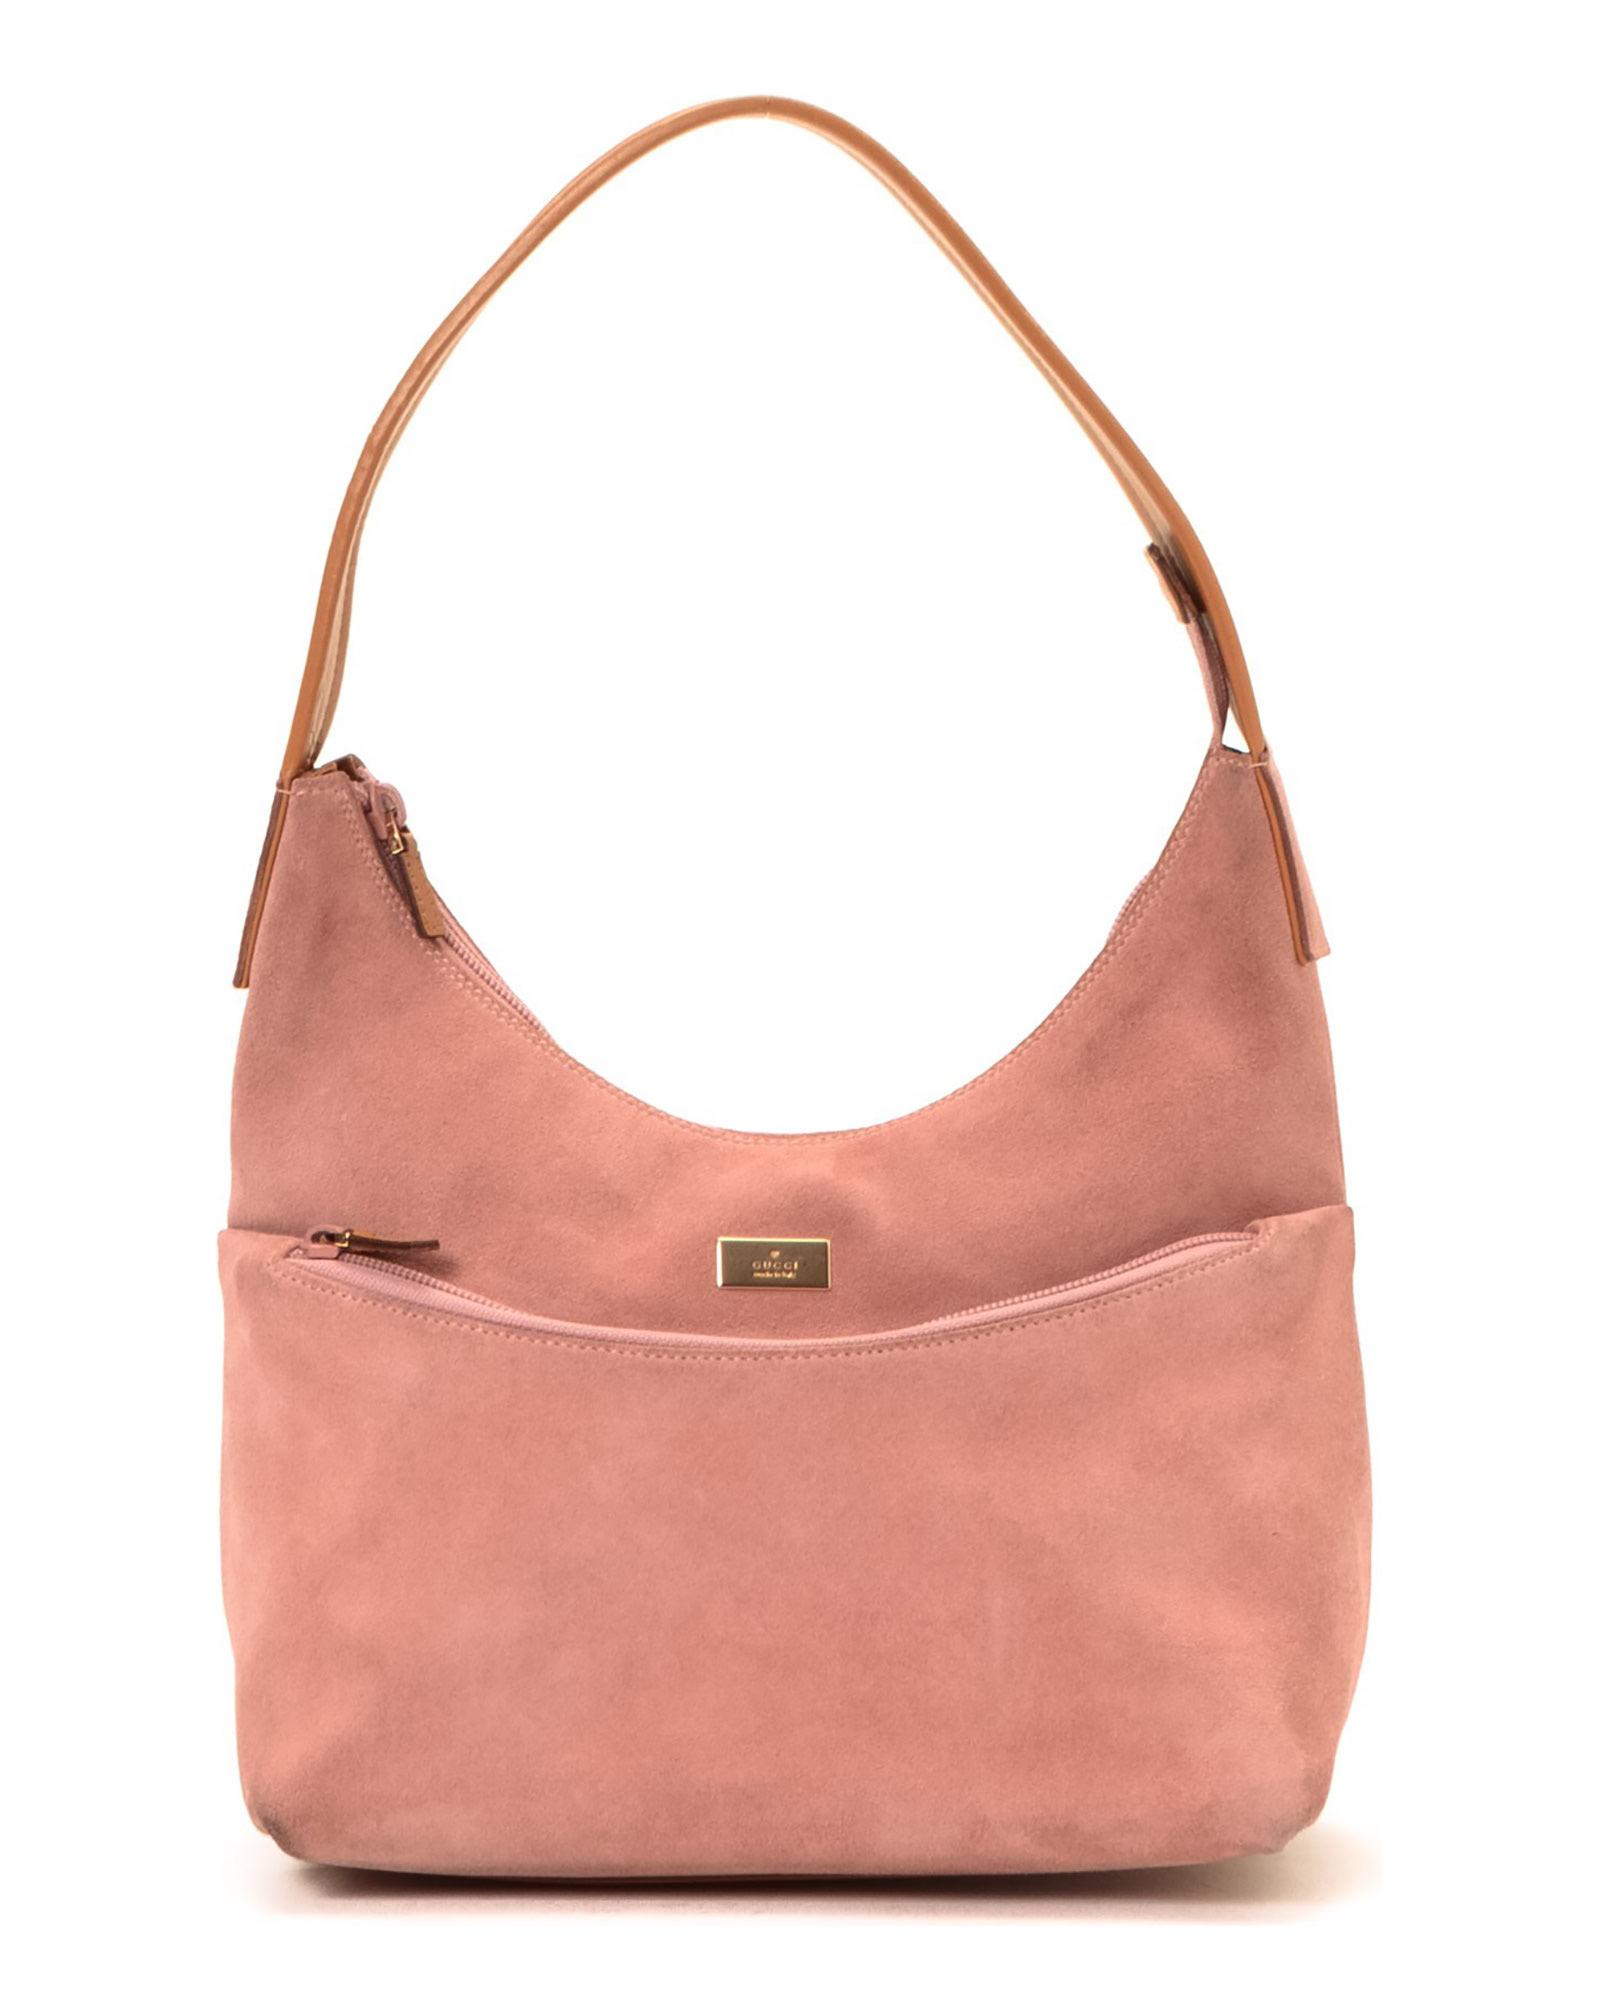 Lyst - Gucci Pink Shoulder Bag - Vintage in Pink